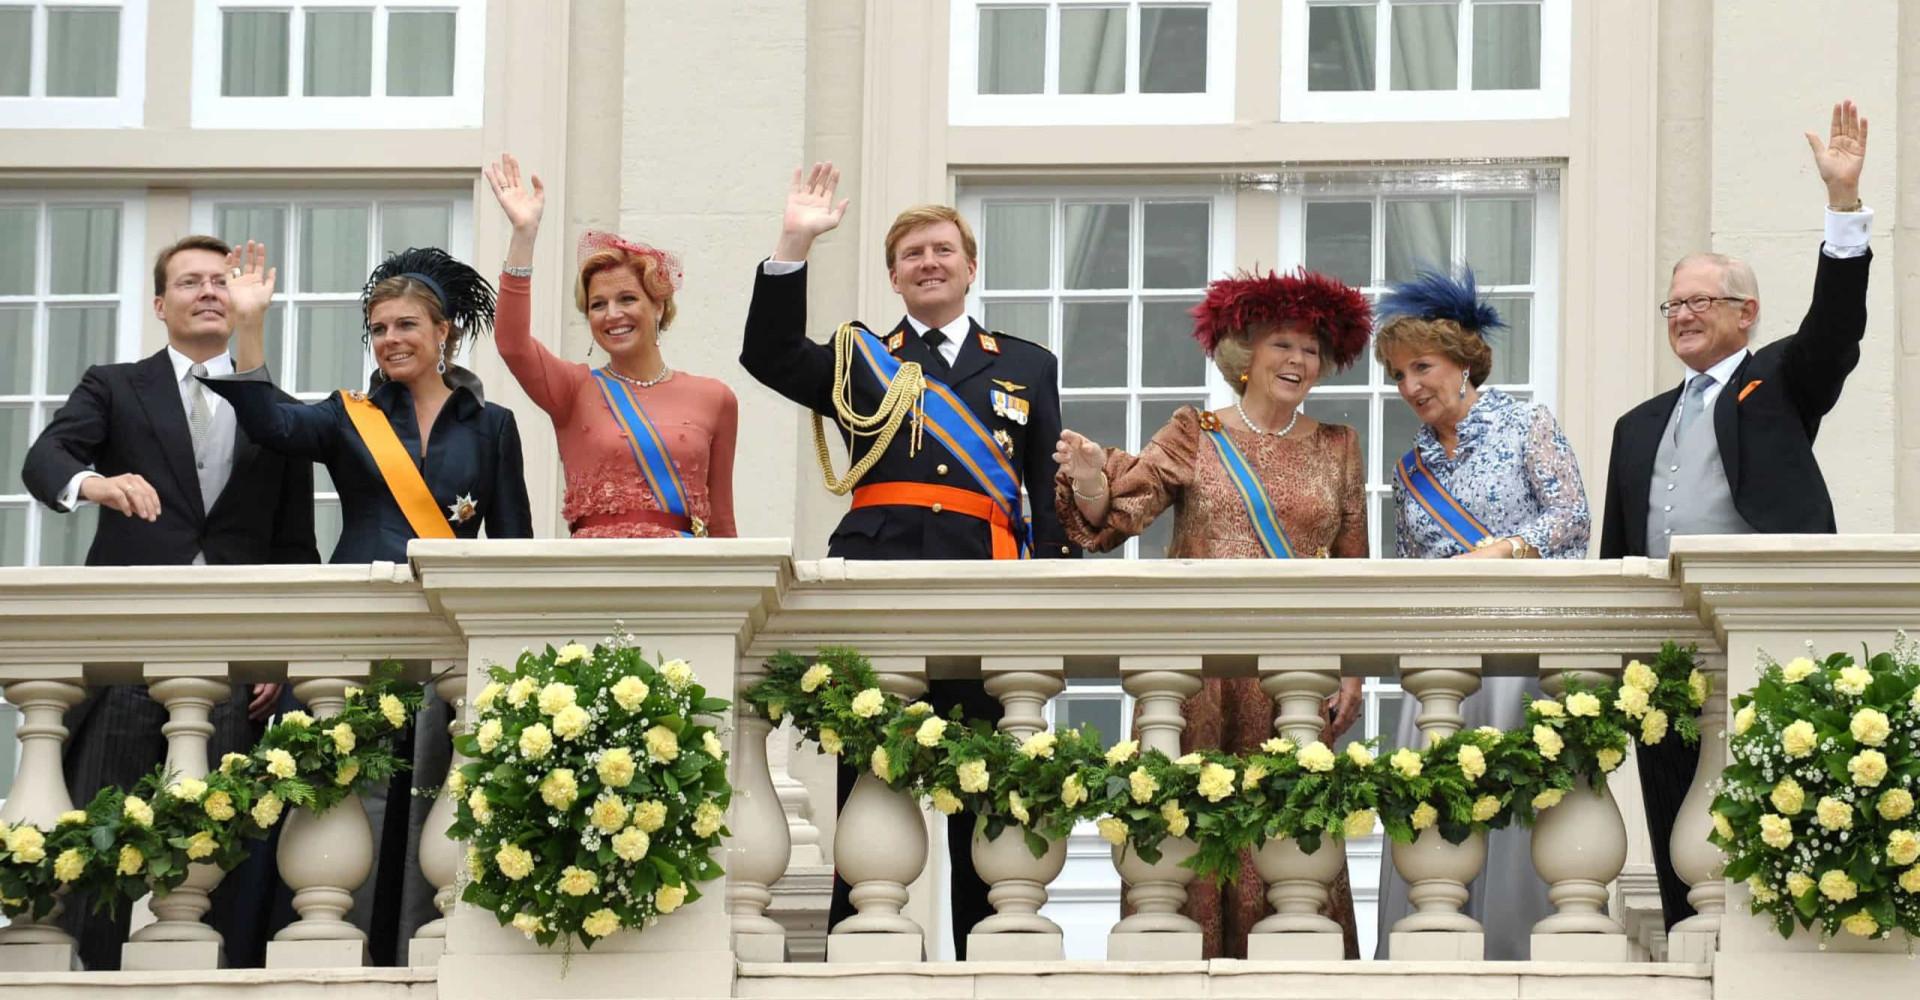 Wist jij dit over ons koningshuis?